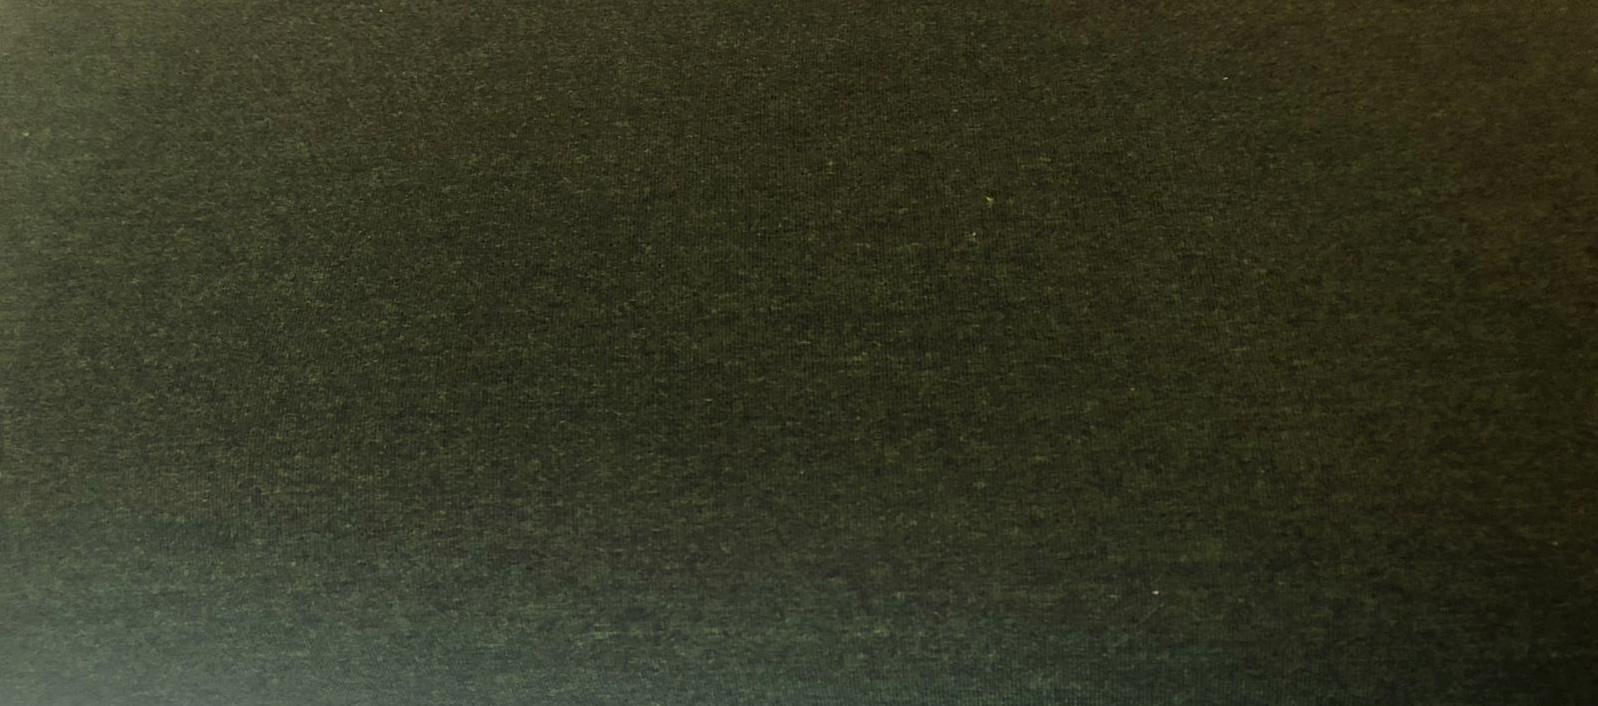 Jersey dunkelgrün schwarz meliert